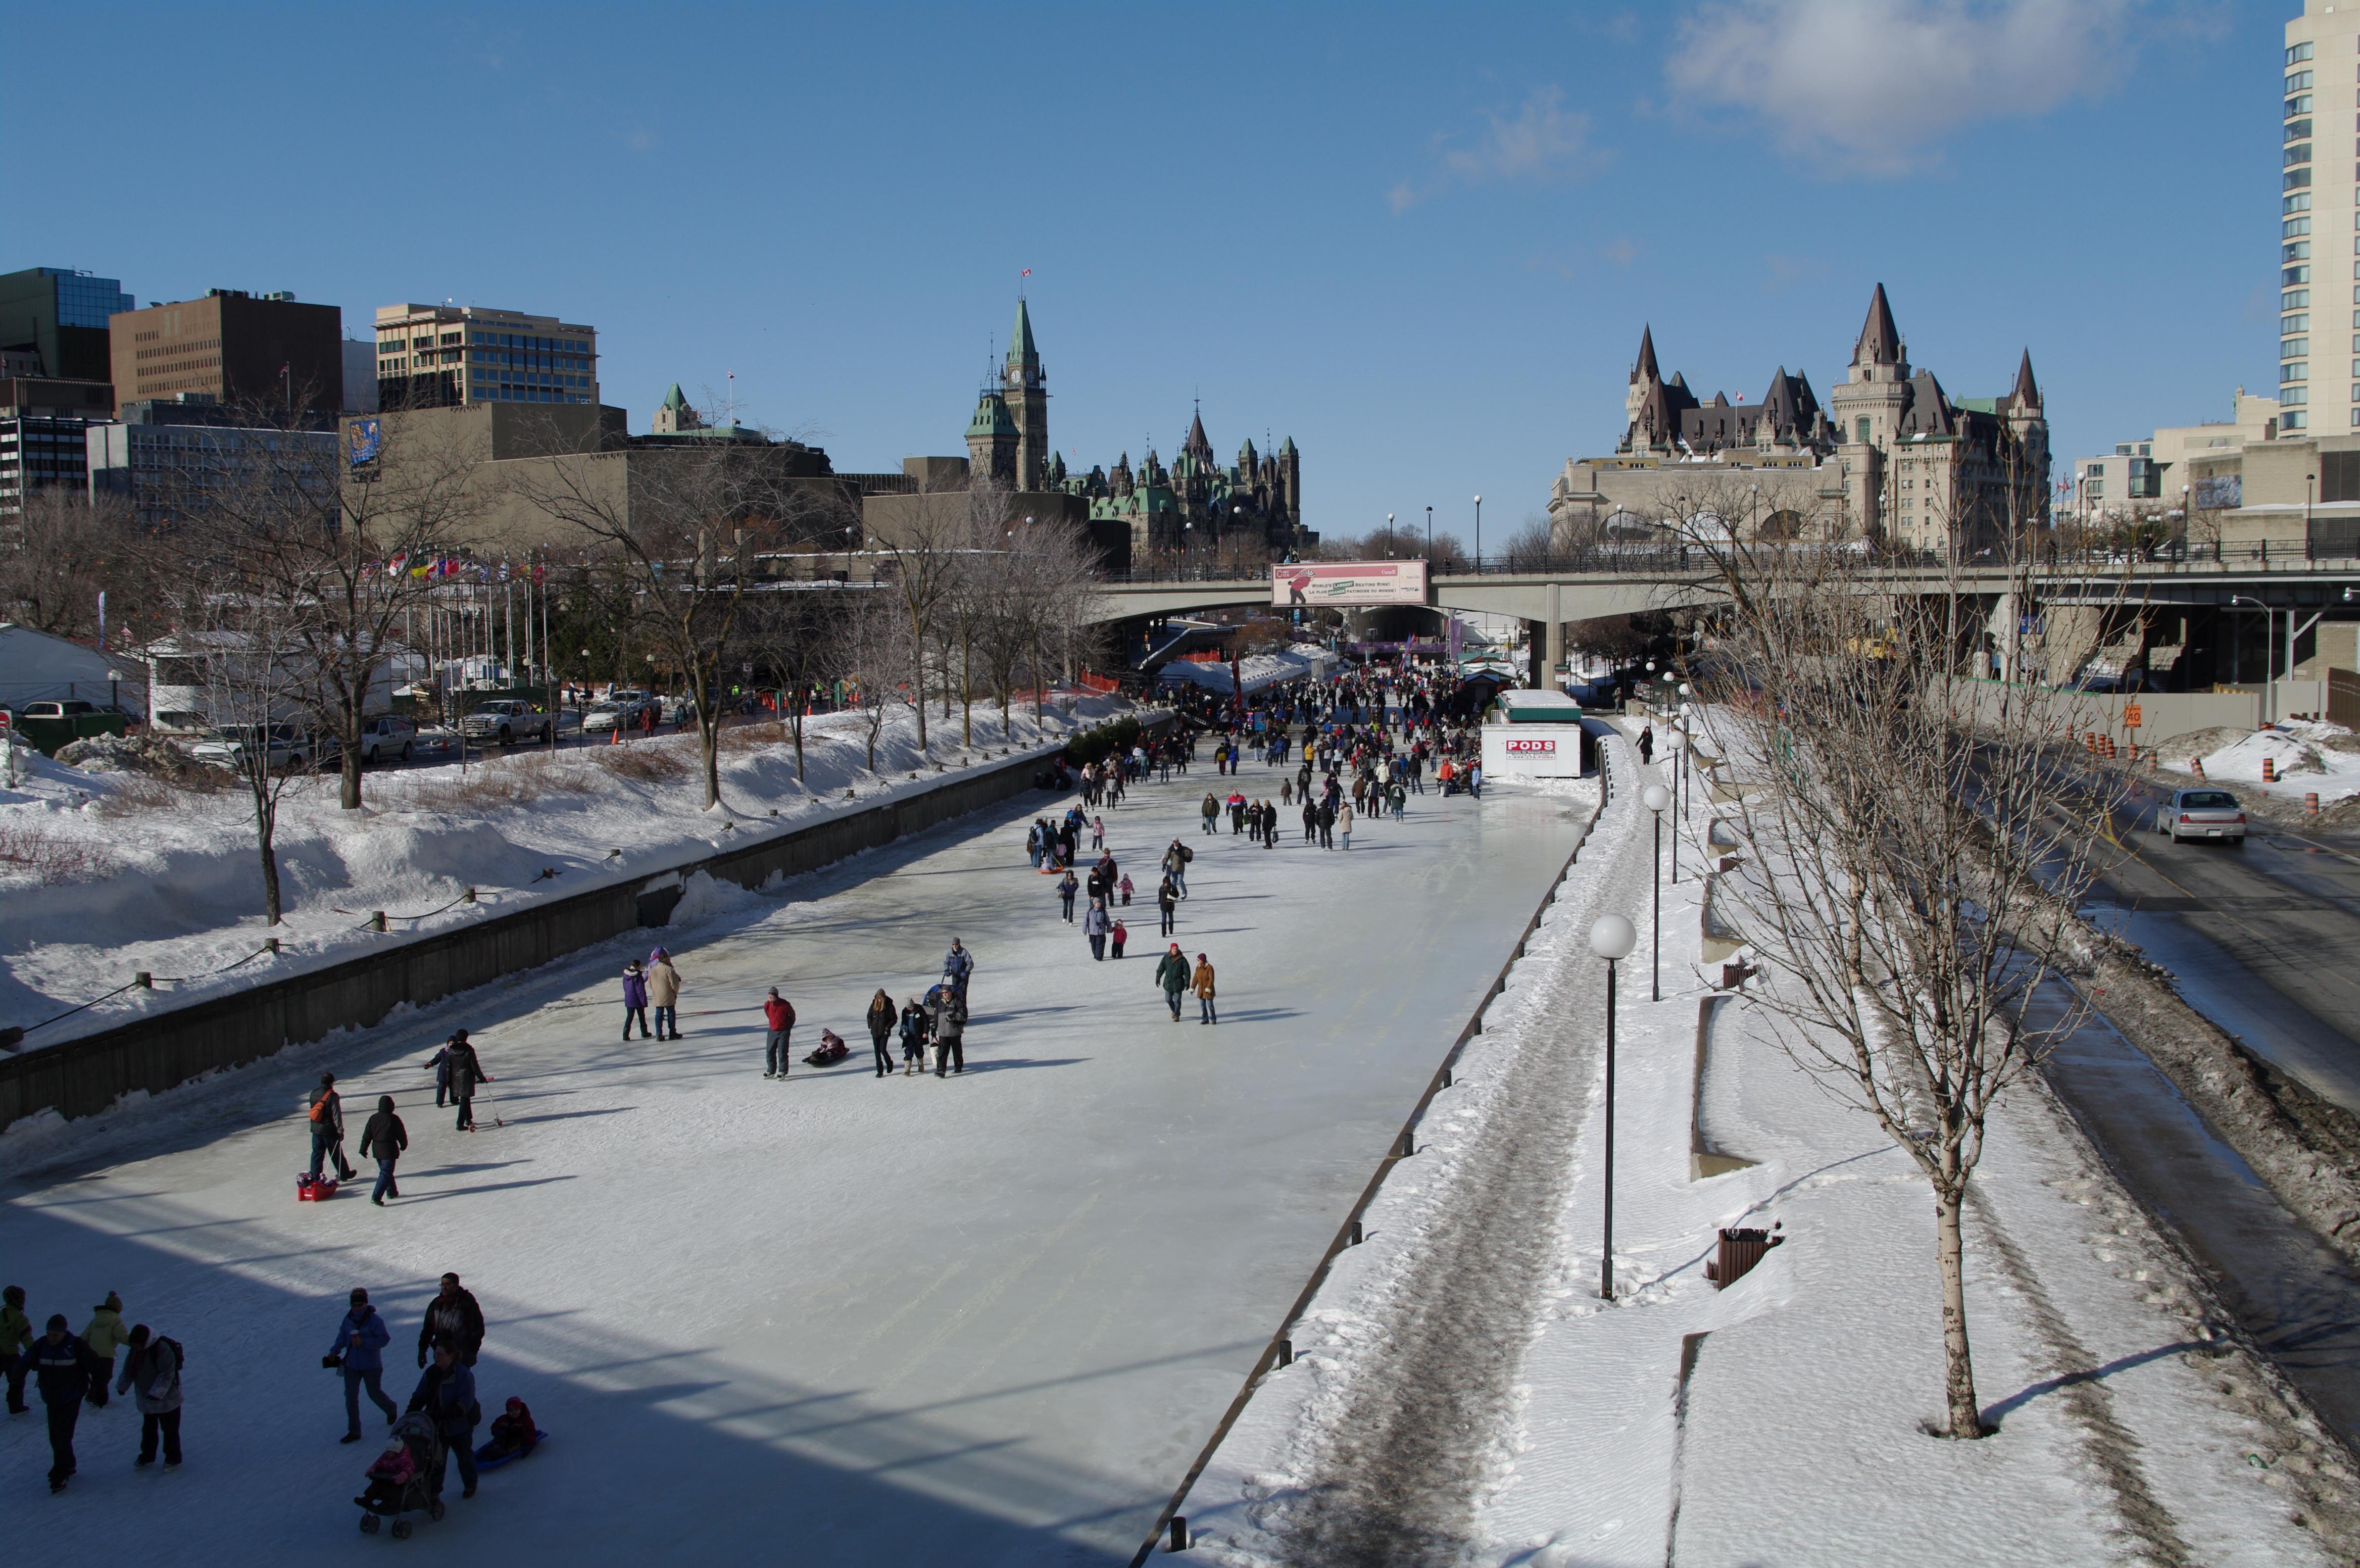 Ottawa Rideau Canal Skating Chateau Laurier Parliament.jpg